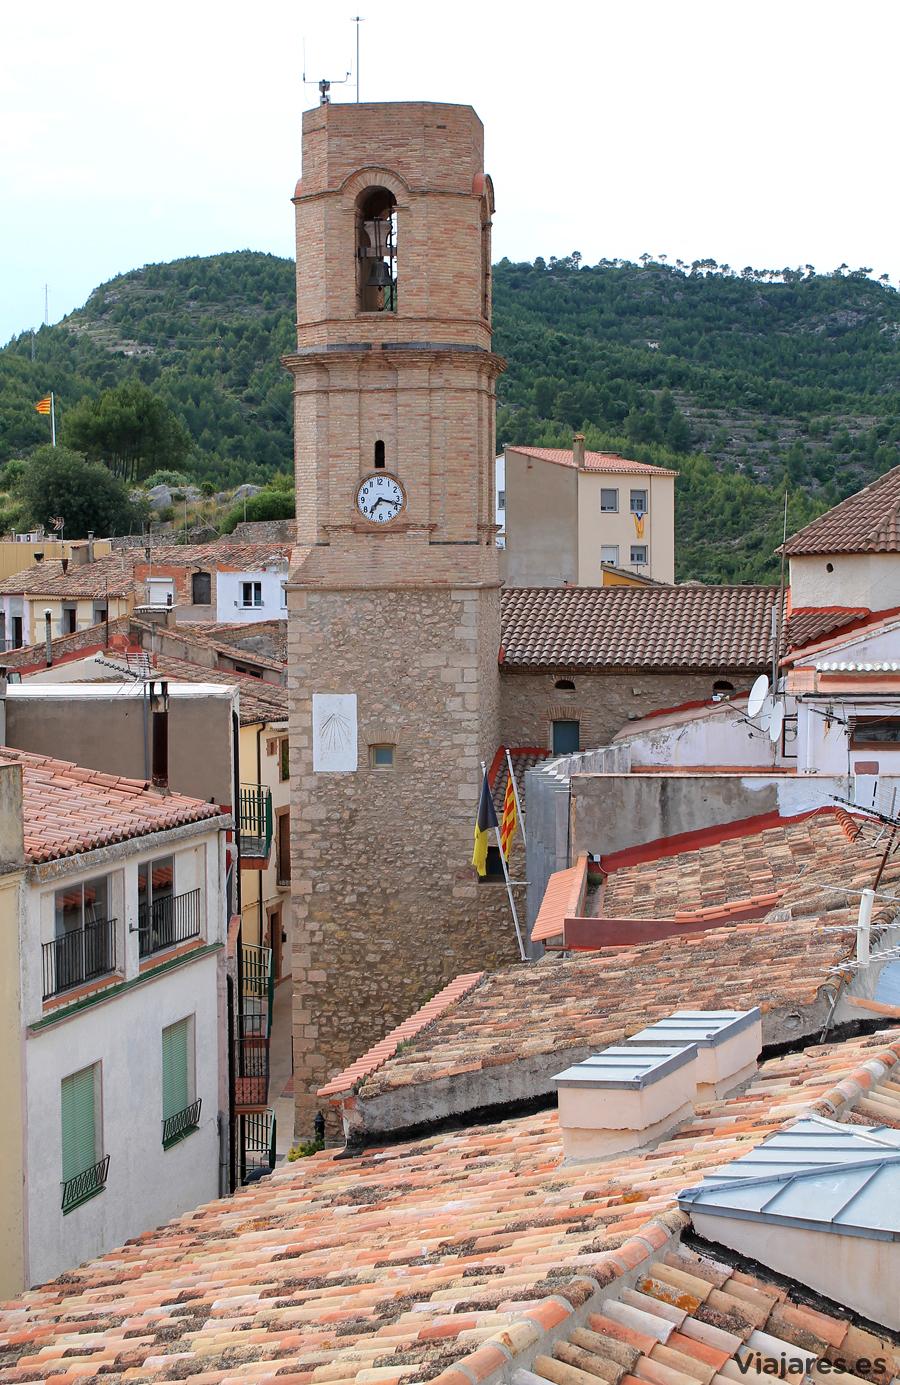 Campanario y tejados del pueblo de Vandellòs